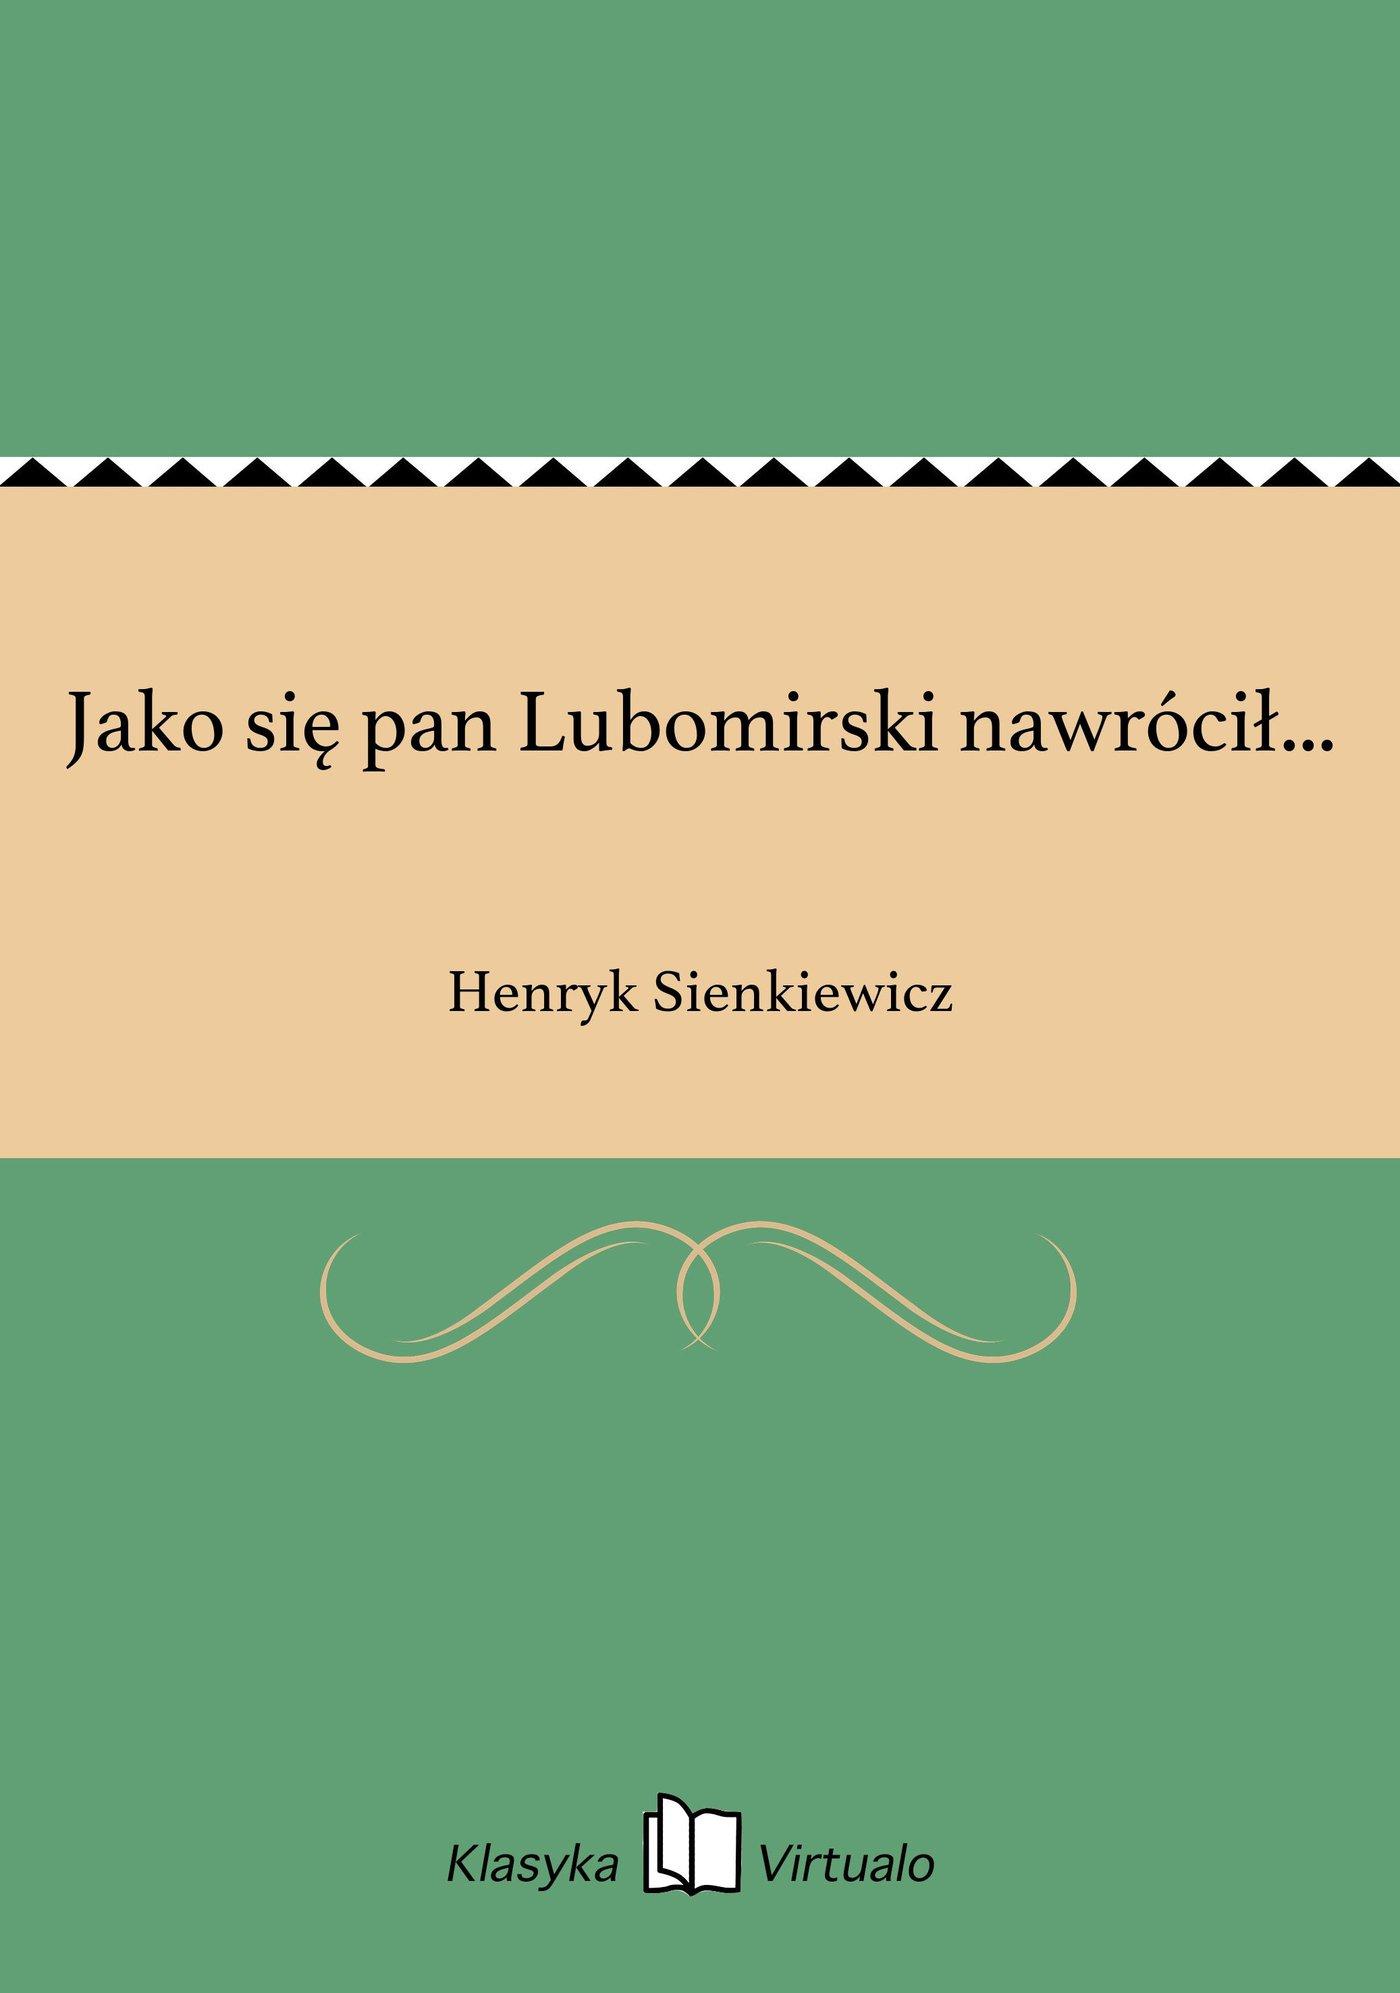 Jako się pan Lubomirski nawrócił... - Ebook (Książka EPUB) do pobrania w formacie EPUB